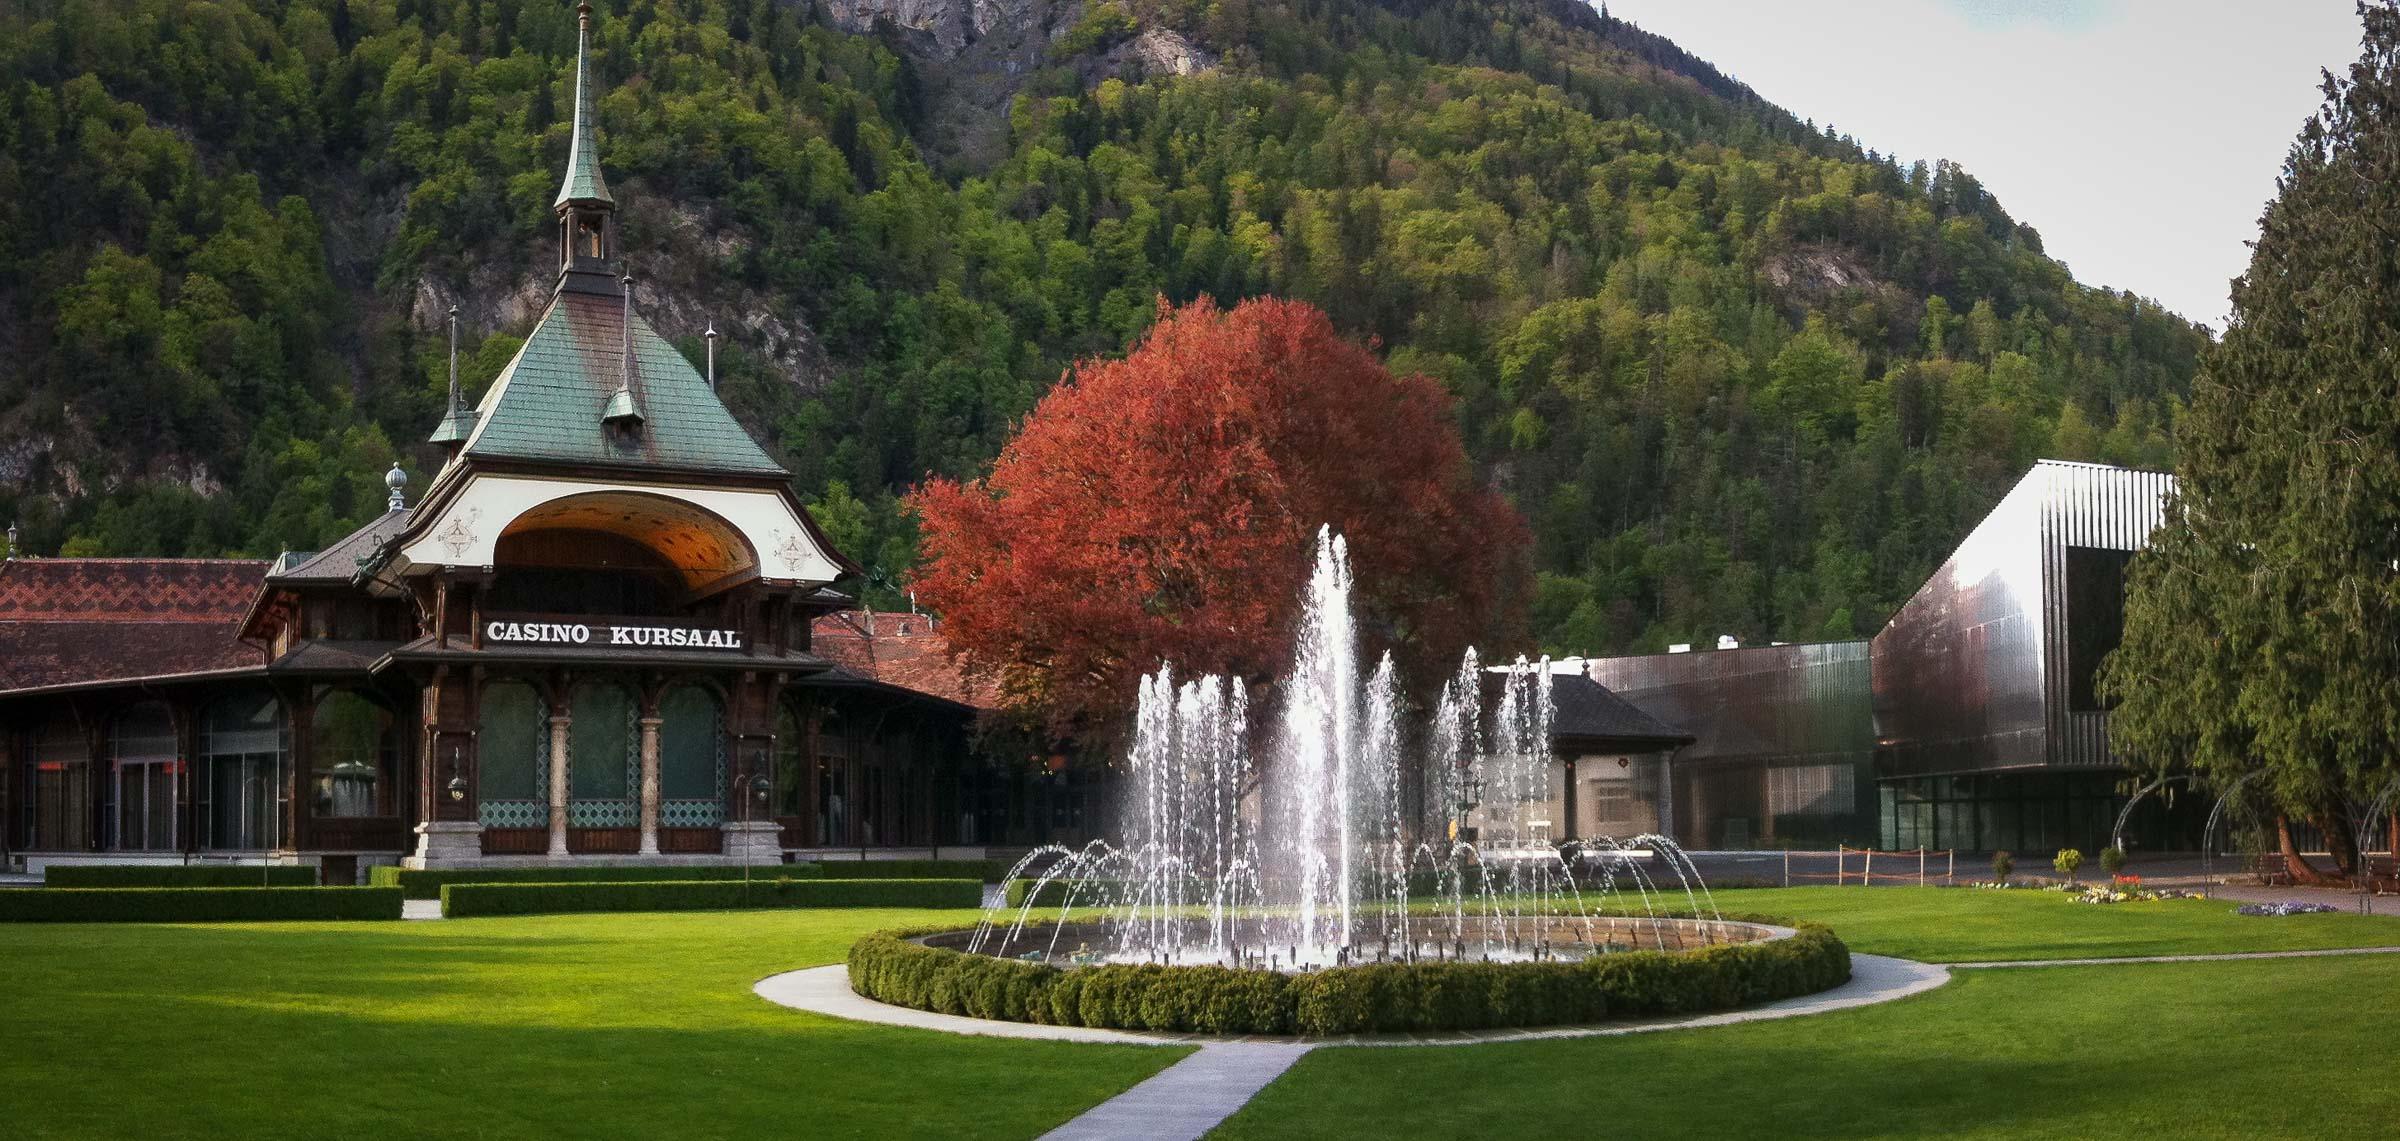 Casino Kursaal, Interlaken